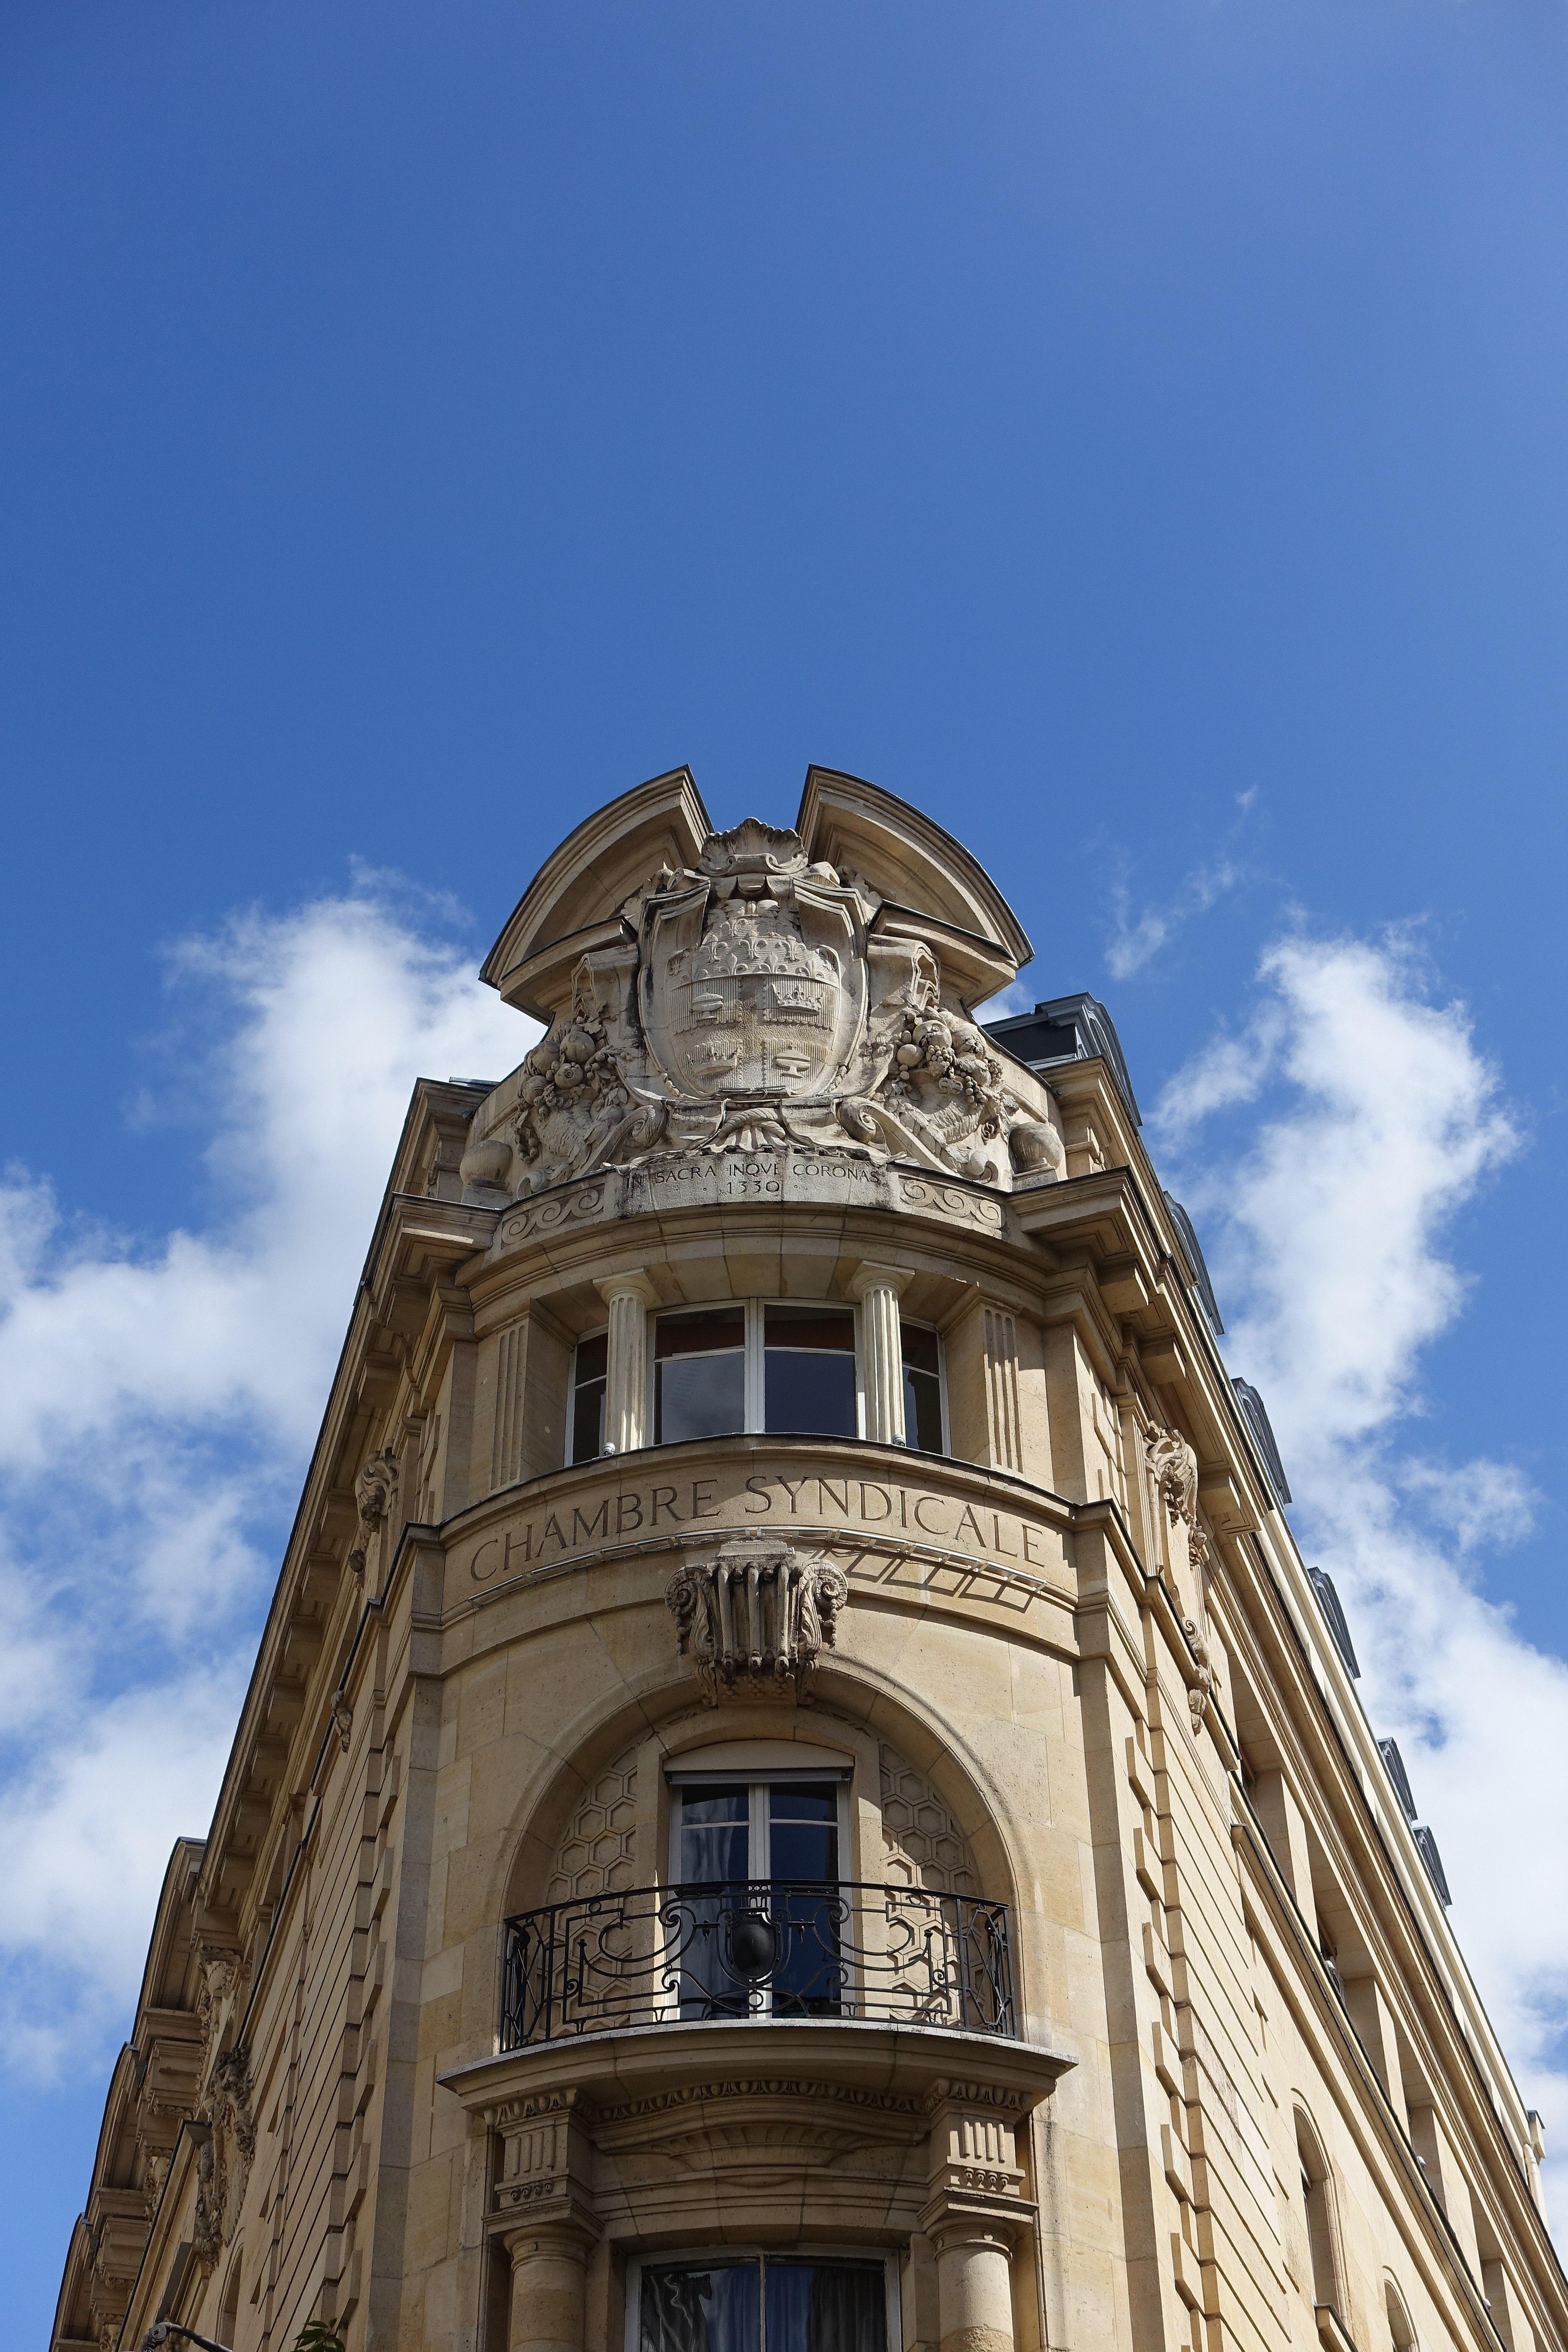 File:Chambre syndicale de la joaillerie, 9 rue du Louvre, Paris